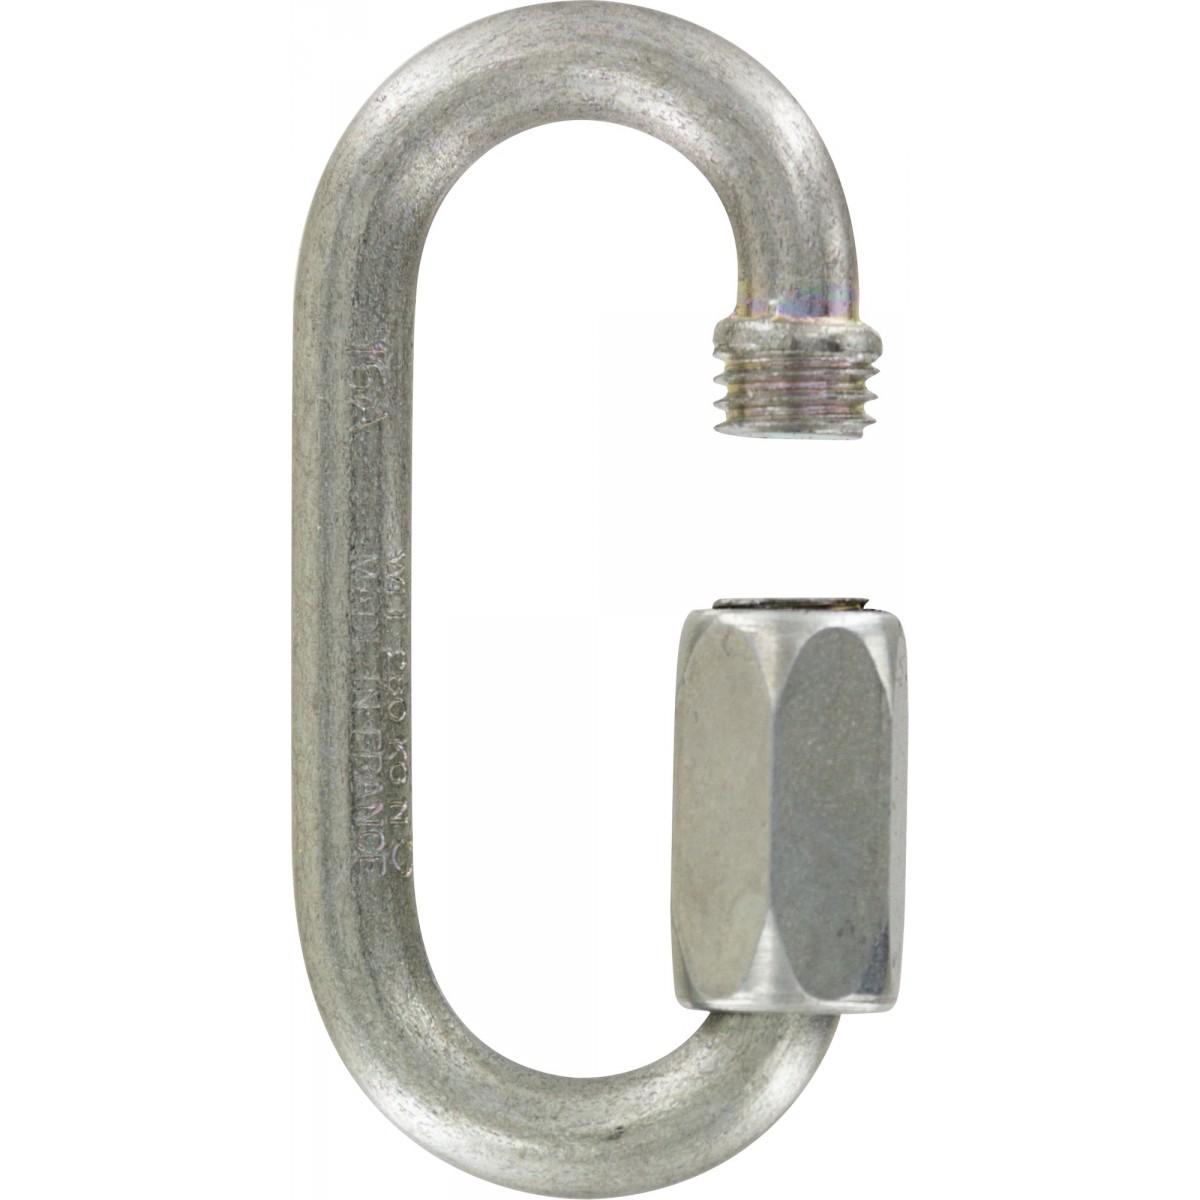 Maille rapide série grande ouverture Chapuis - Longueur 49 mm - Diamètre Fil 5 mm - Vendu par 2